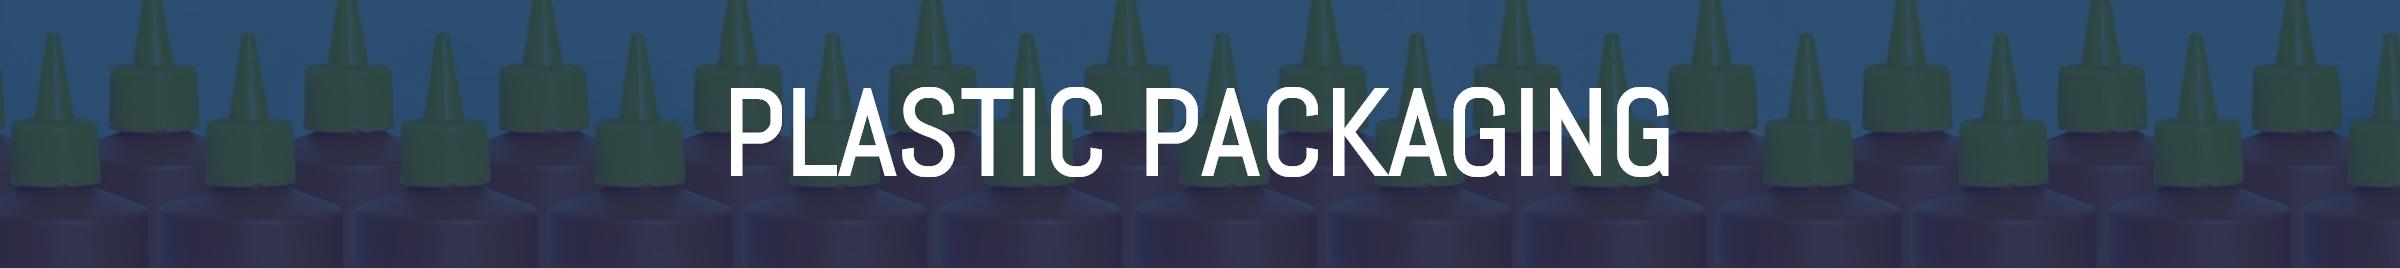 Plastic_Packaging_Headerimage.png